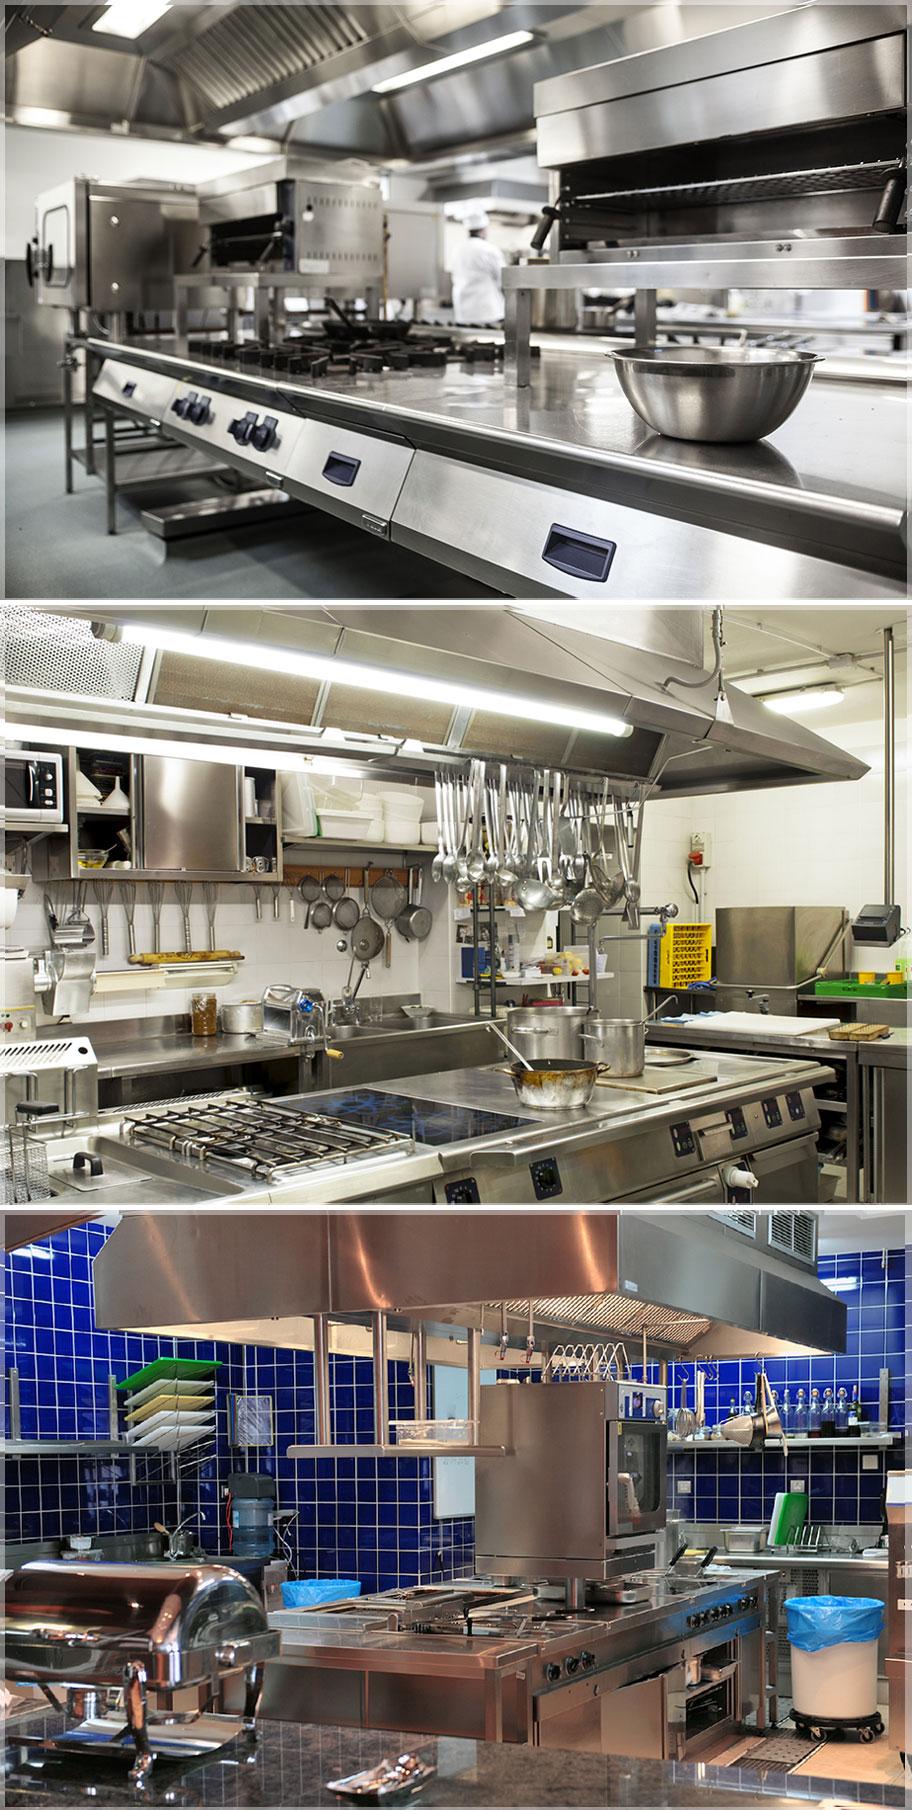 desain-dapur-rumah-makan